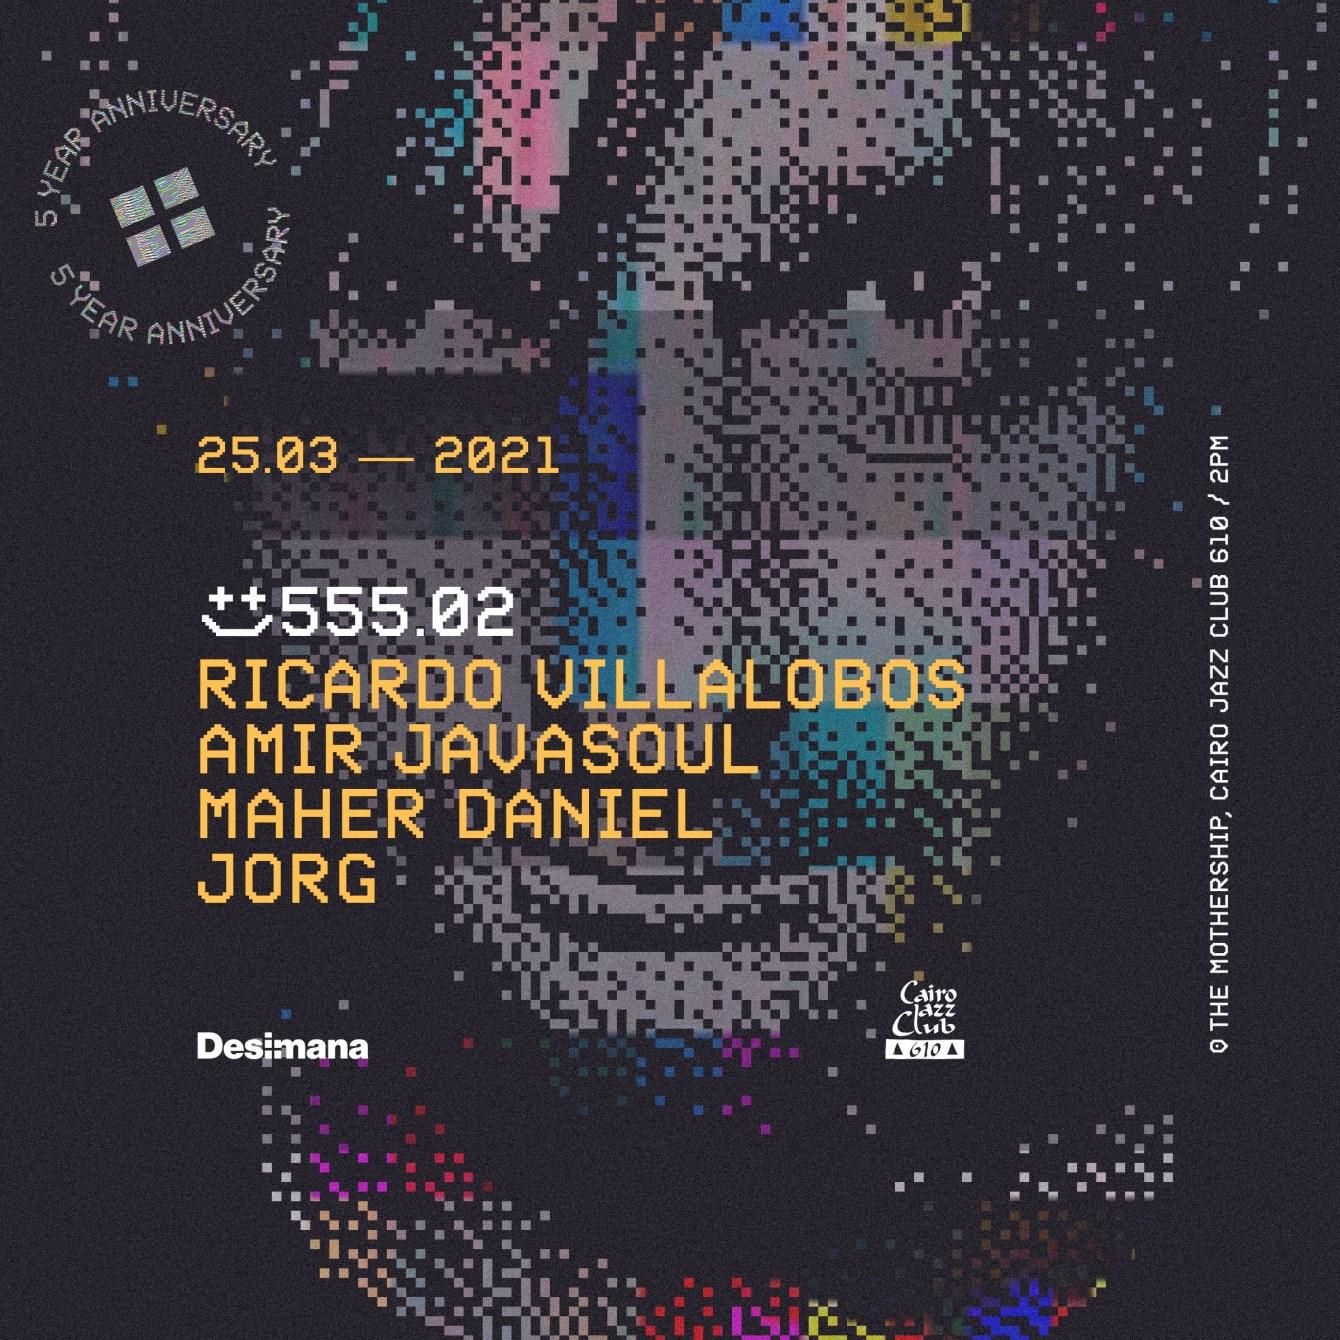 555.02 with Ricardo Villalobos & Guests - Flyer back